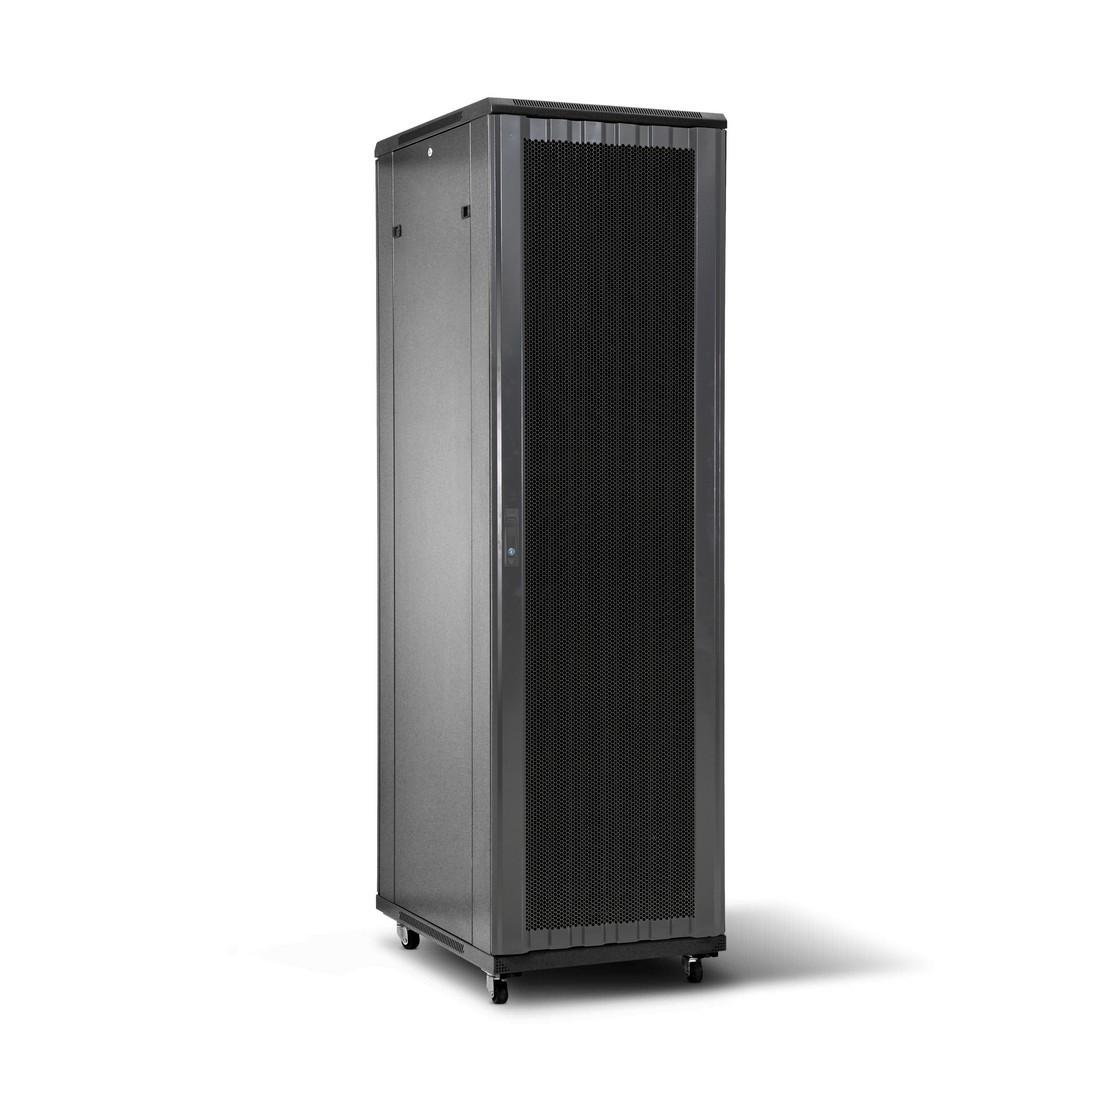 """Шкаф серверный, SHIP, 601S.6842.54.100, 154 серия, 19"""" 42U, 600*800*2000 мм, Ш*Г*В, IP20"""